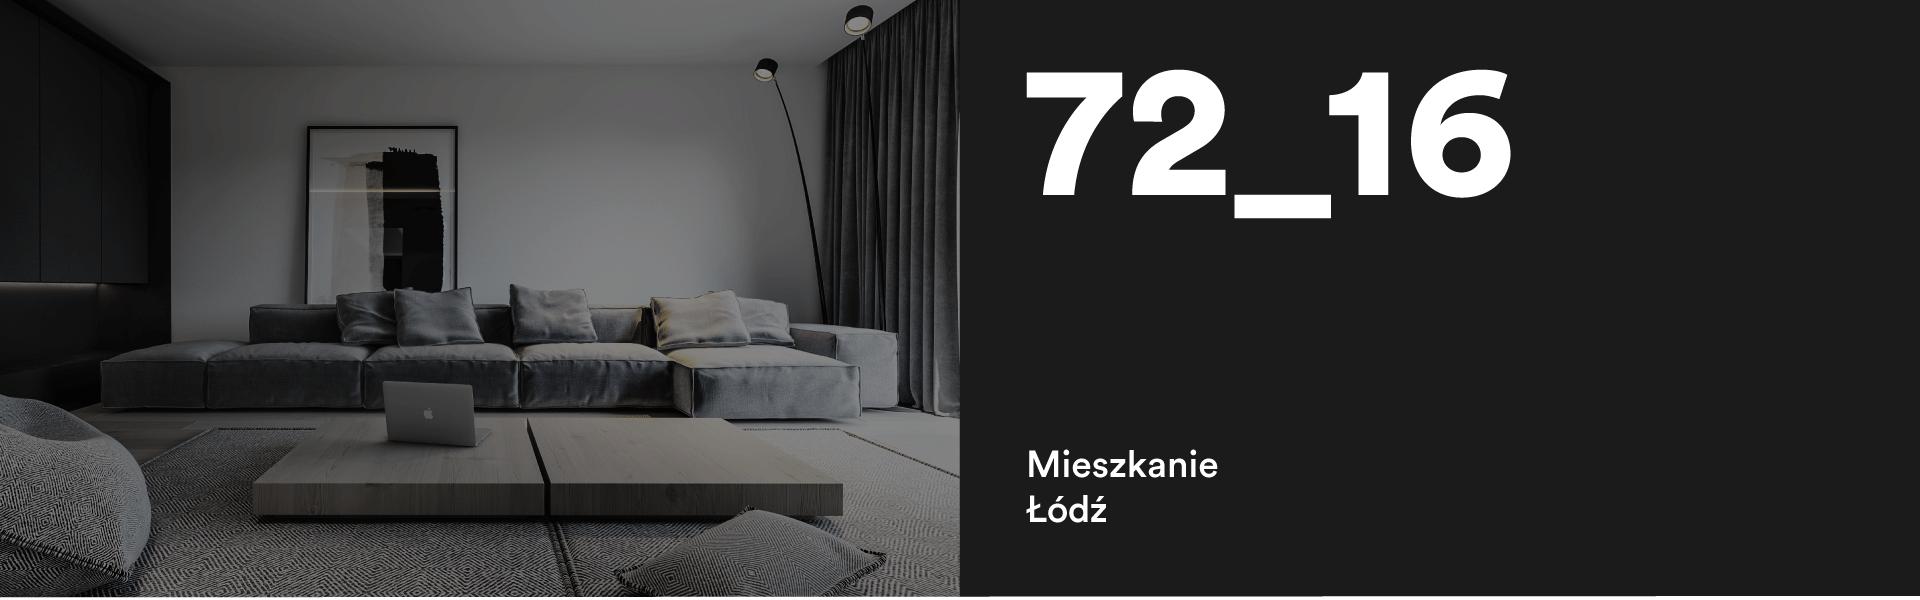 72_16 Aranżacja mieszkania w Łodzi